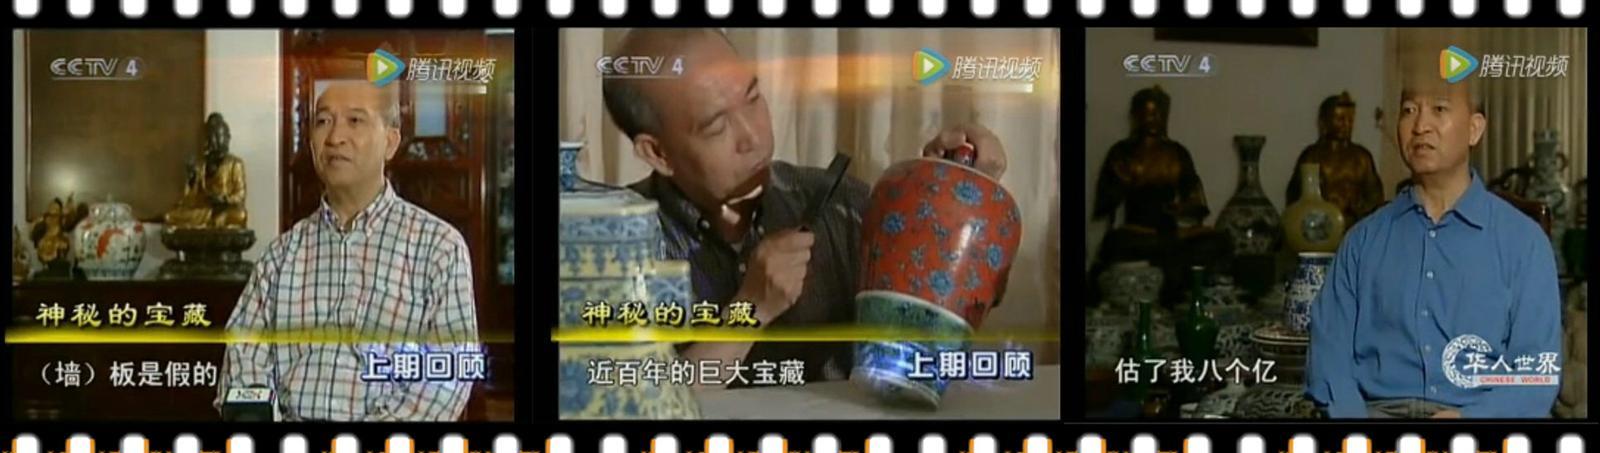 爱国华侨赵泰来-截图